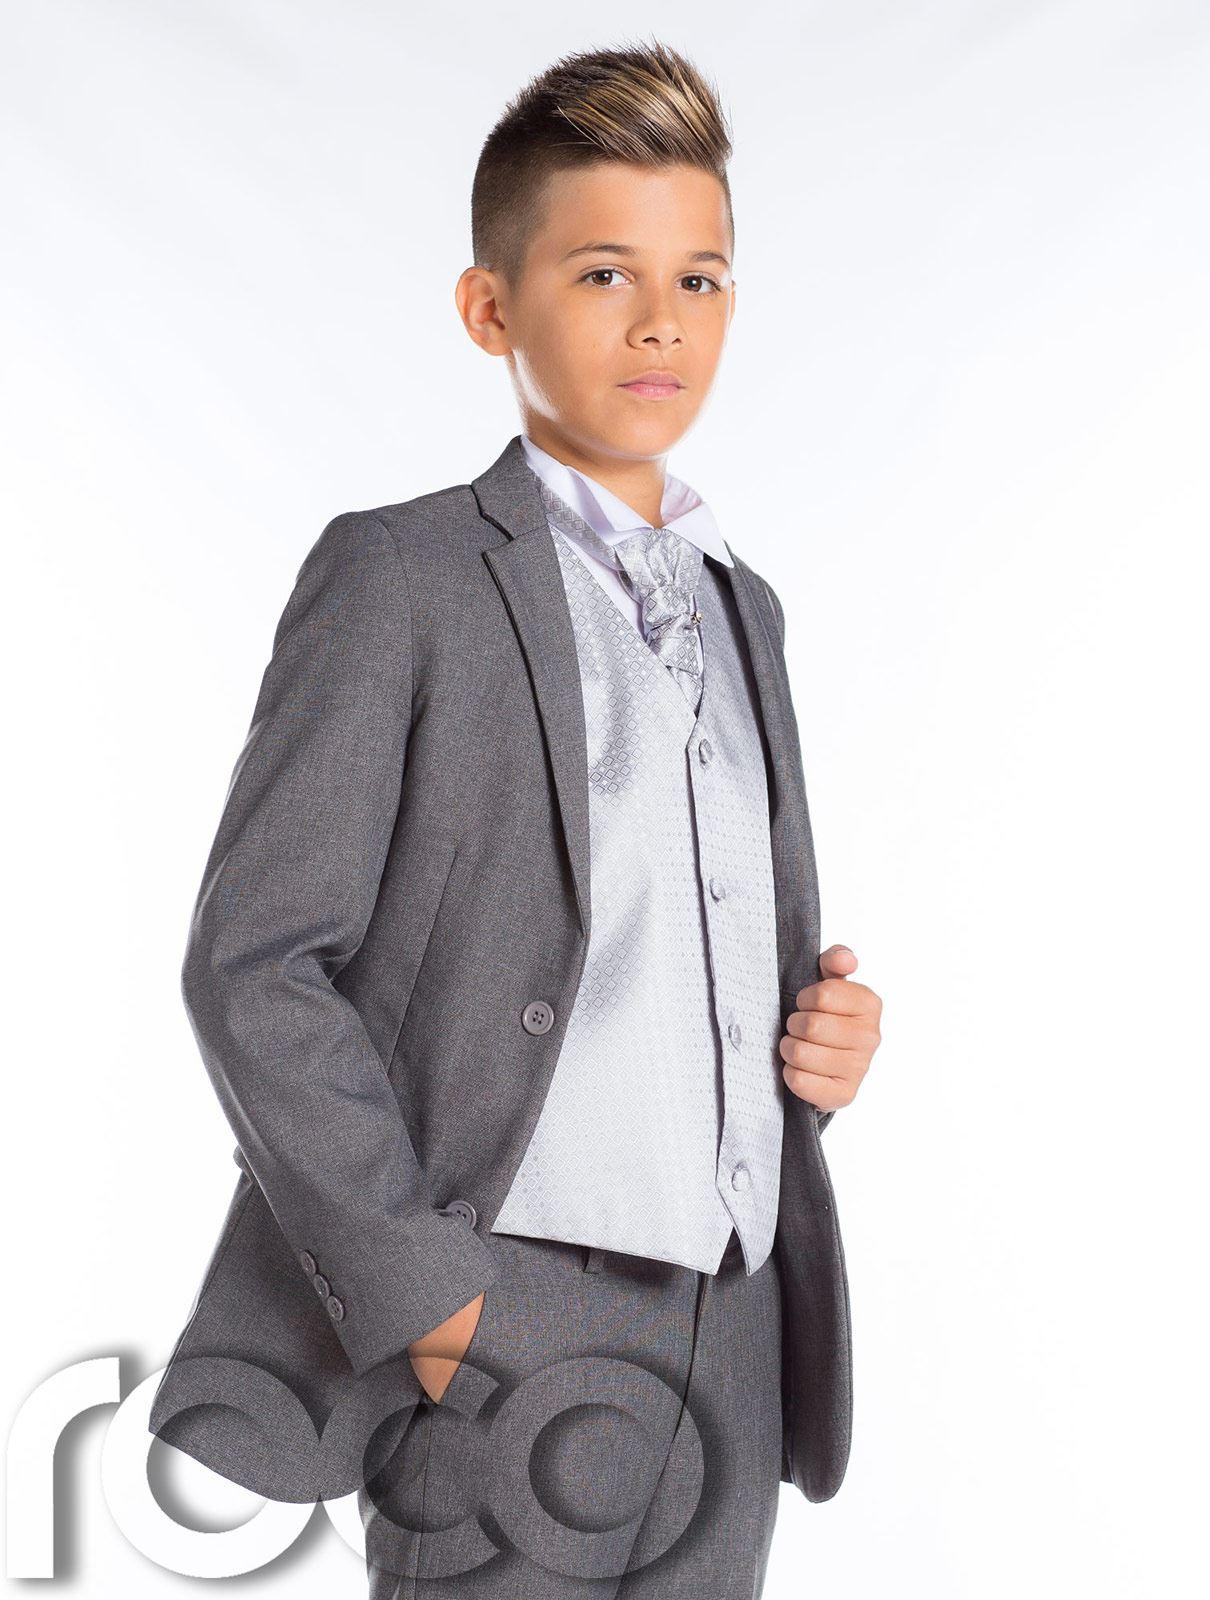 Boys Wedding Suit, Slim Fit Suit, Boys Grey Suit, Boys Prom Suit ...